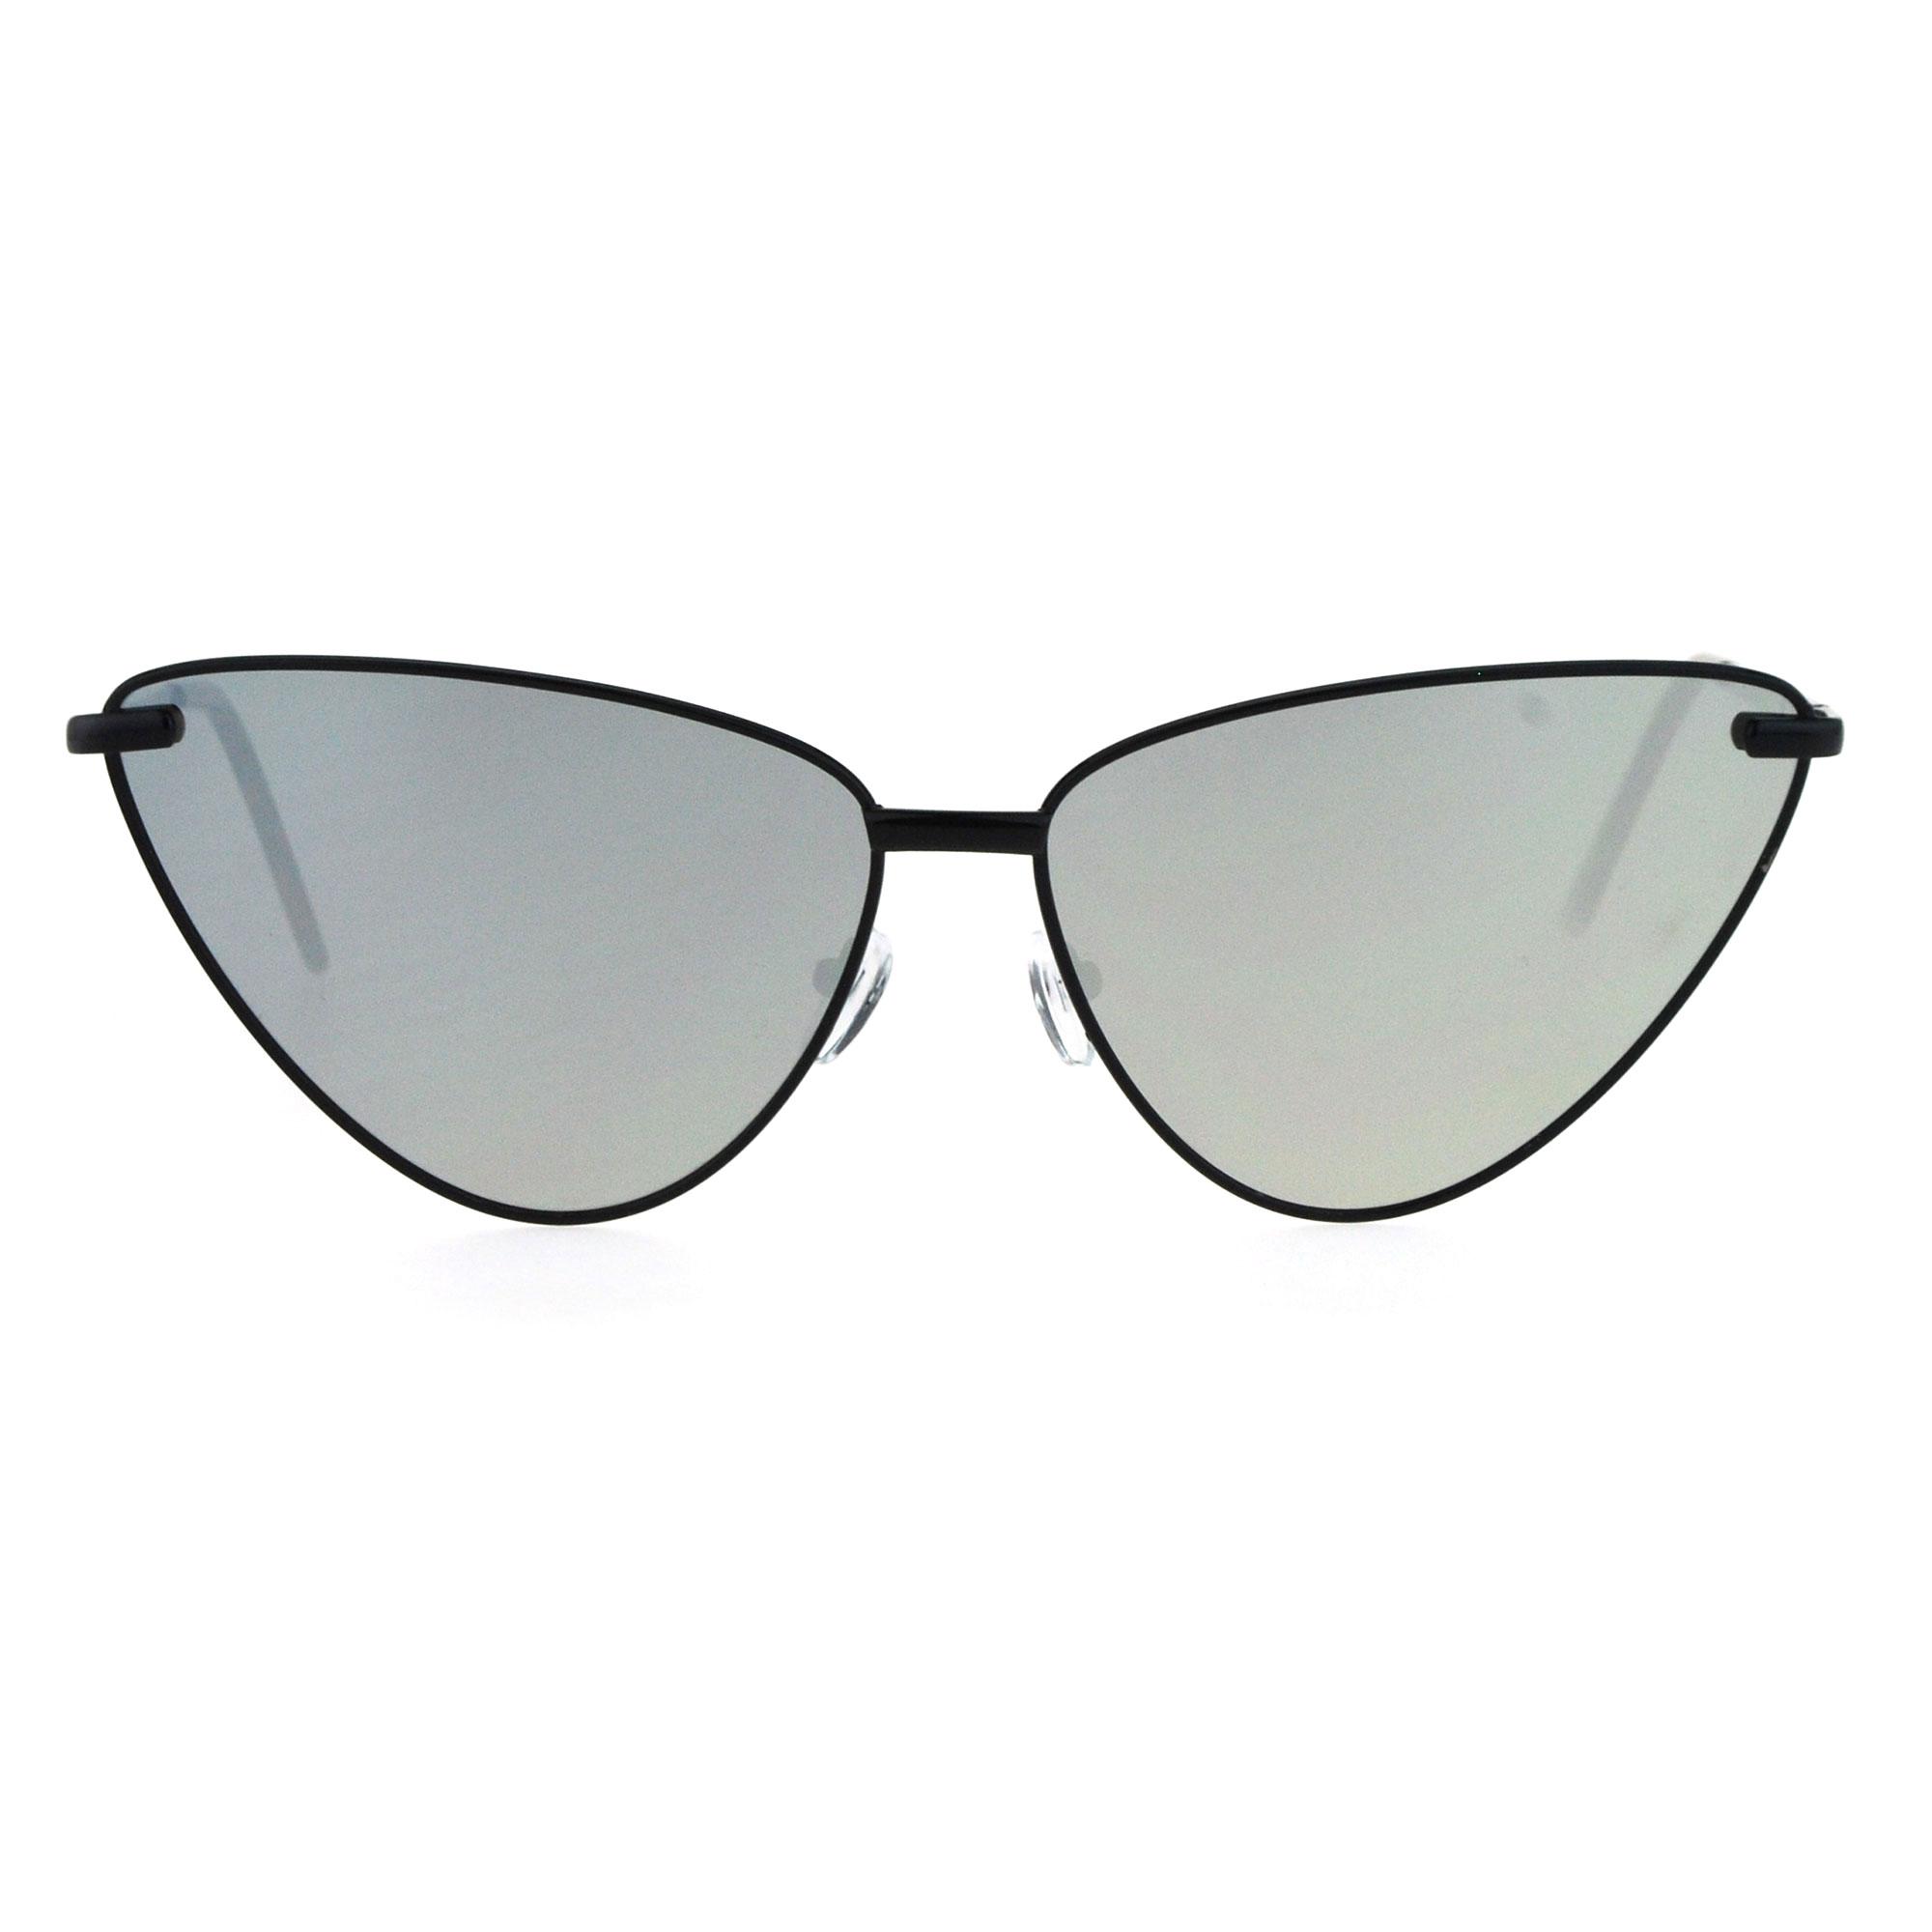 Hong der Sonnenbrille Metall Cat Eye Sonnenbrille Ocean - E azbQe